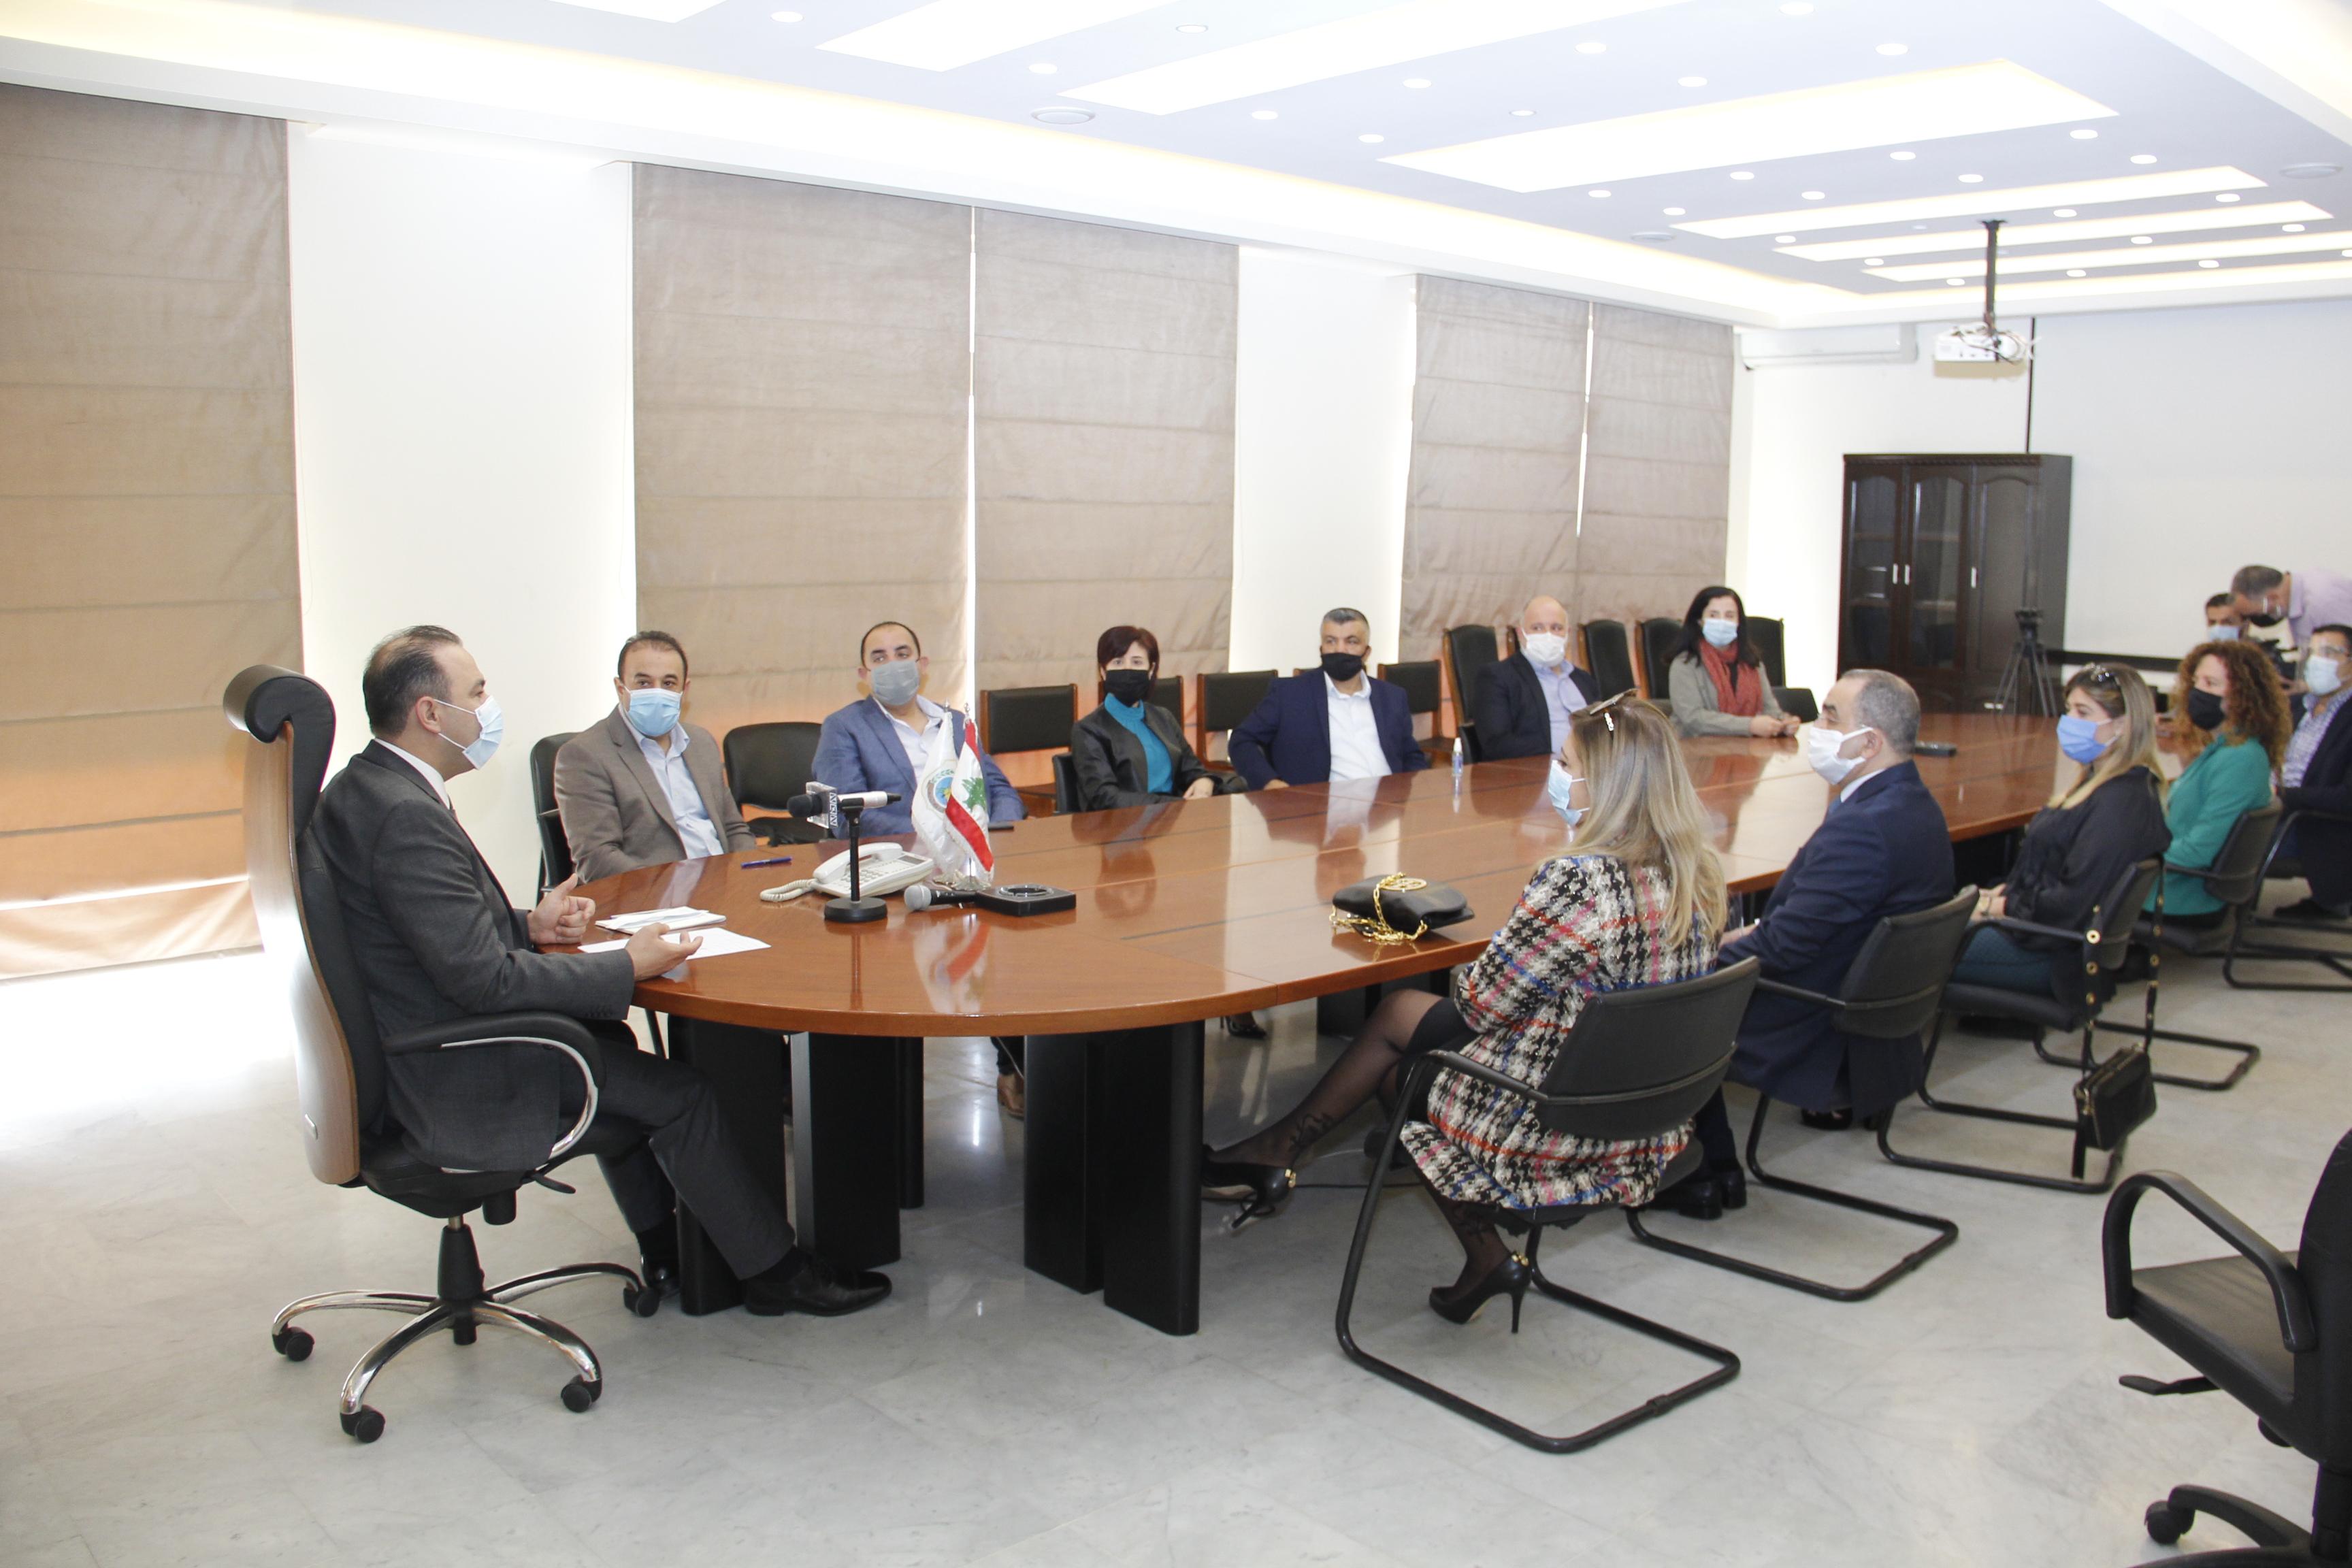 وزير الزراعة استقبل عميدة كلية الزراعة في الجامعة اللبنانية د. نادين ناصيف مع مج(2)